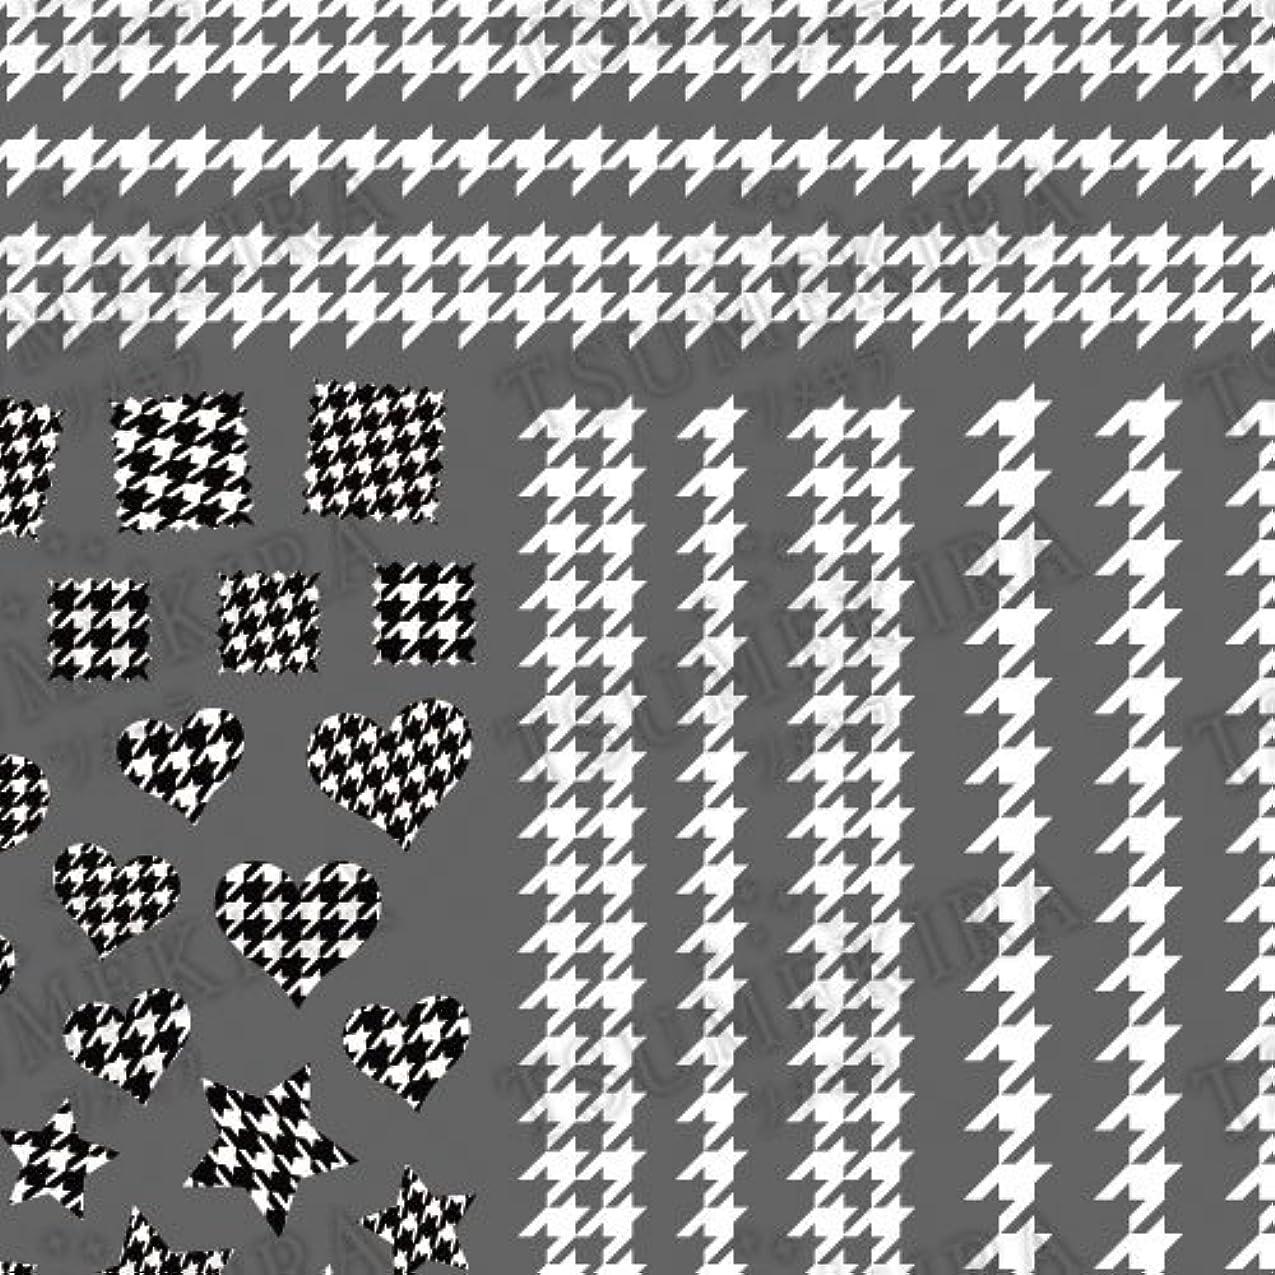 息切れ墓表向きツメキラ ネイル用シール スタンダードスタイル 千鳥格子 ホワイト  NN-TEX-101